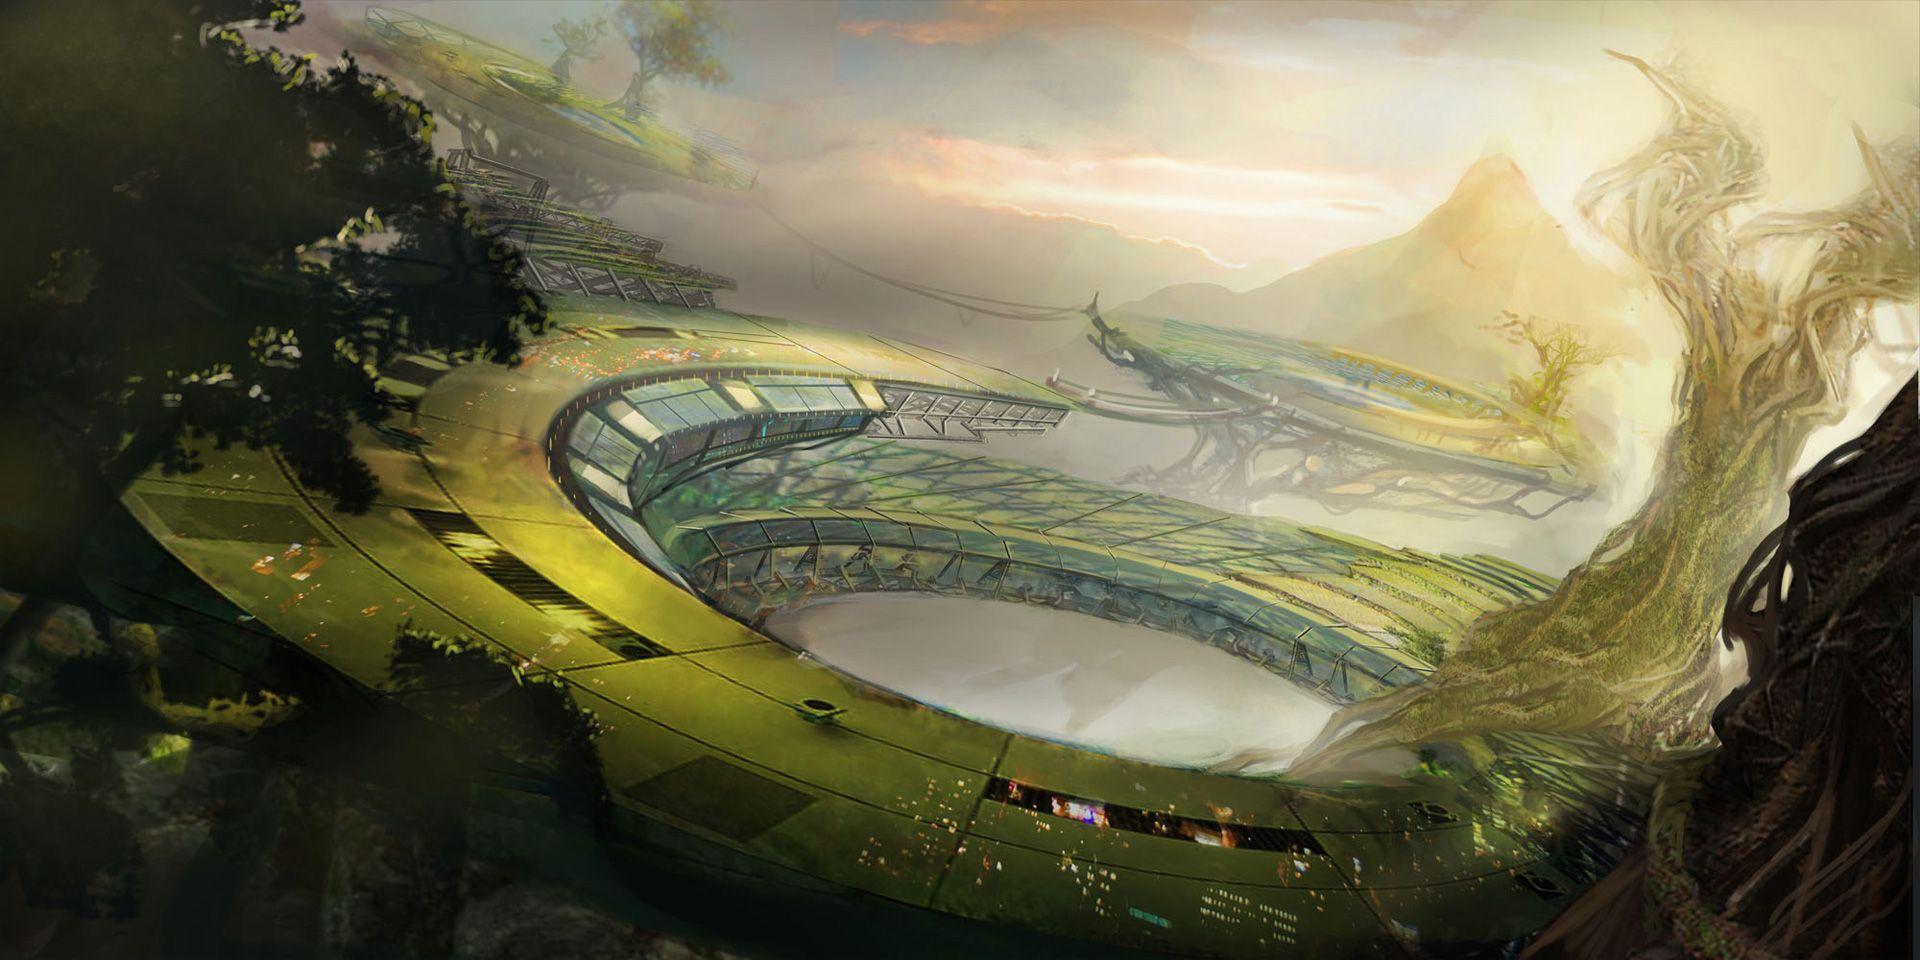 Sci Fi Fantasy Landscape Sci Fi Landscape Wallpaper Background 1920 X 960 Id 151181 Concept Art Game Concept Art Anime Scenery